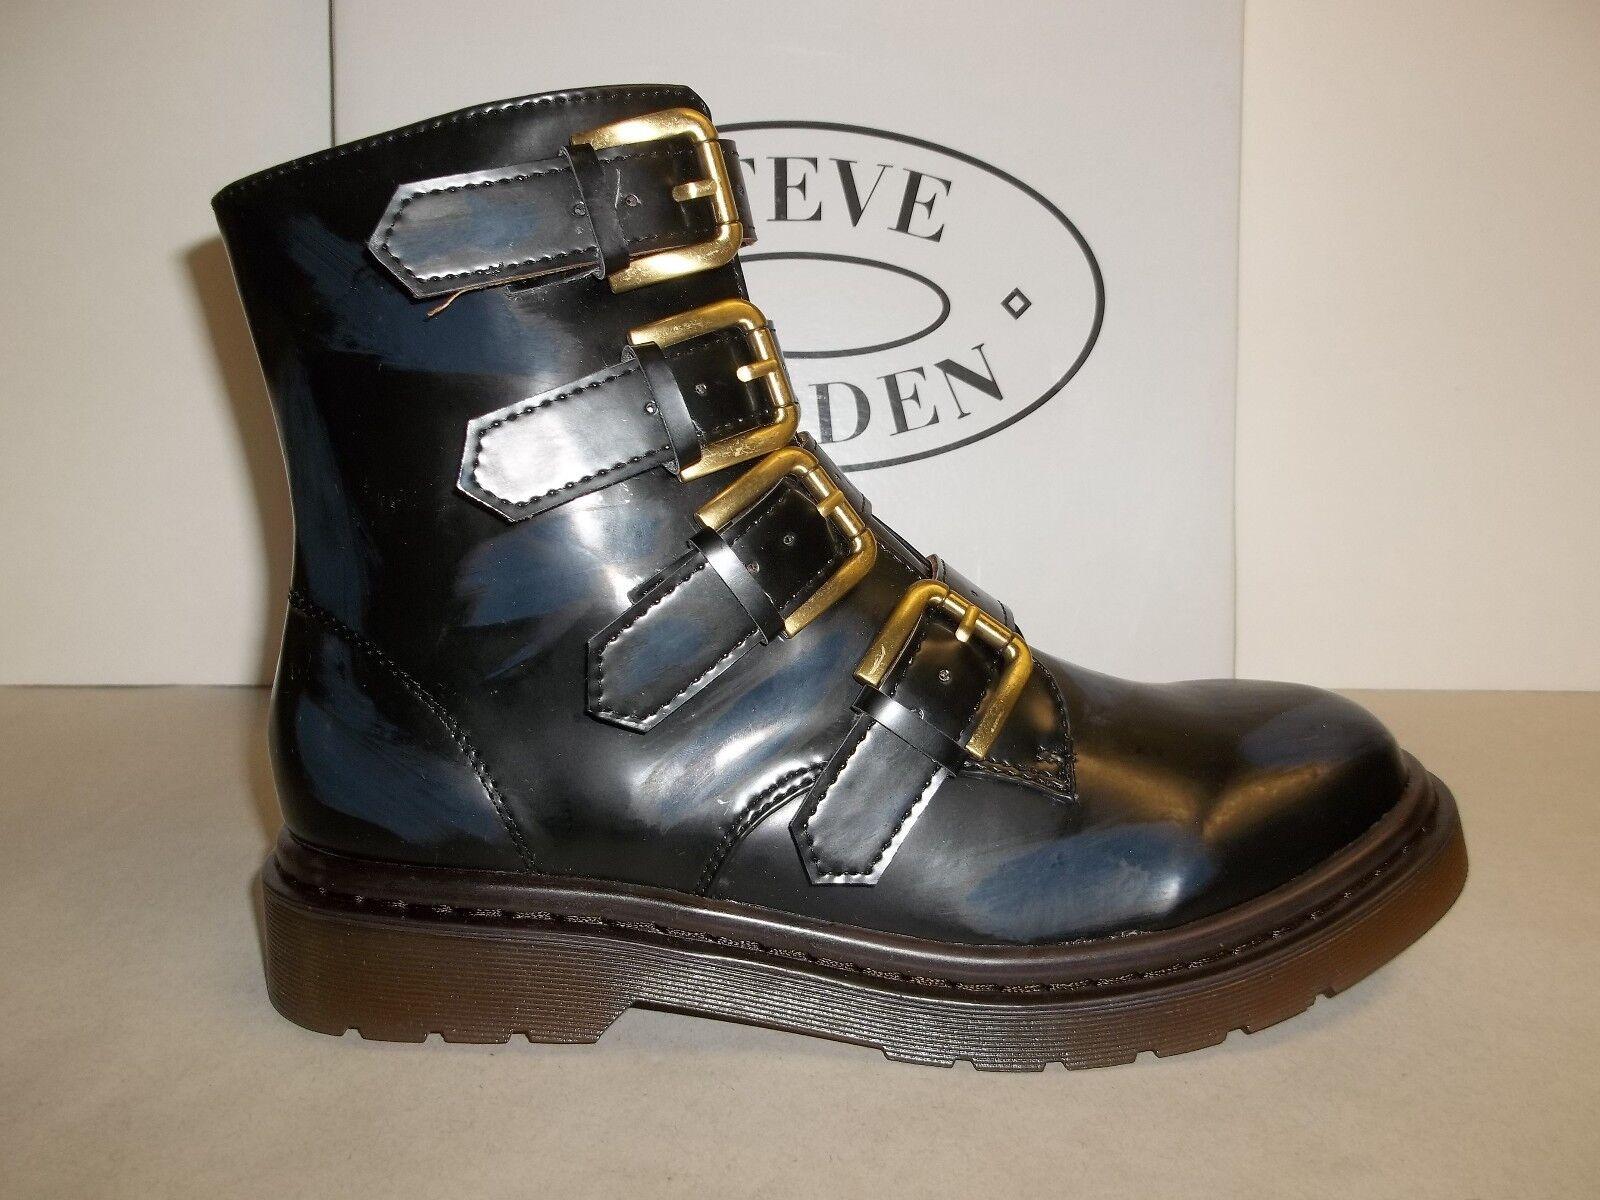 Steve Madden Größe 7 M MCBETH Navy Splashes Fashion Ankle Stiefel NEU Damenschuhe Schuhes